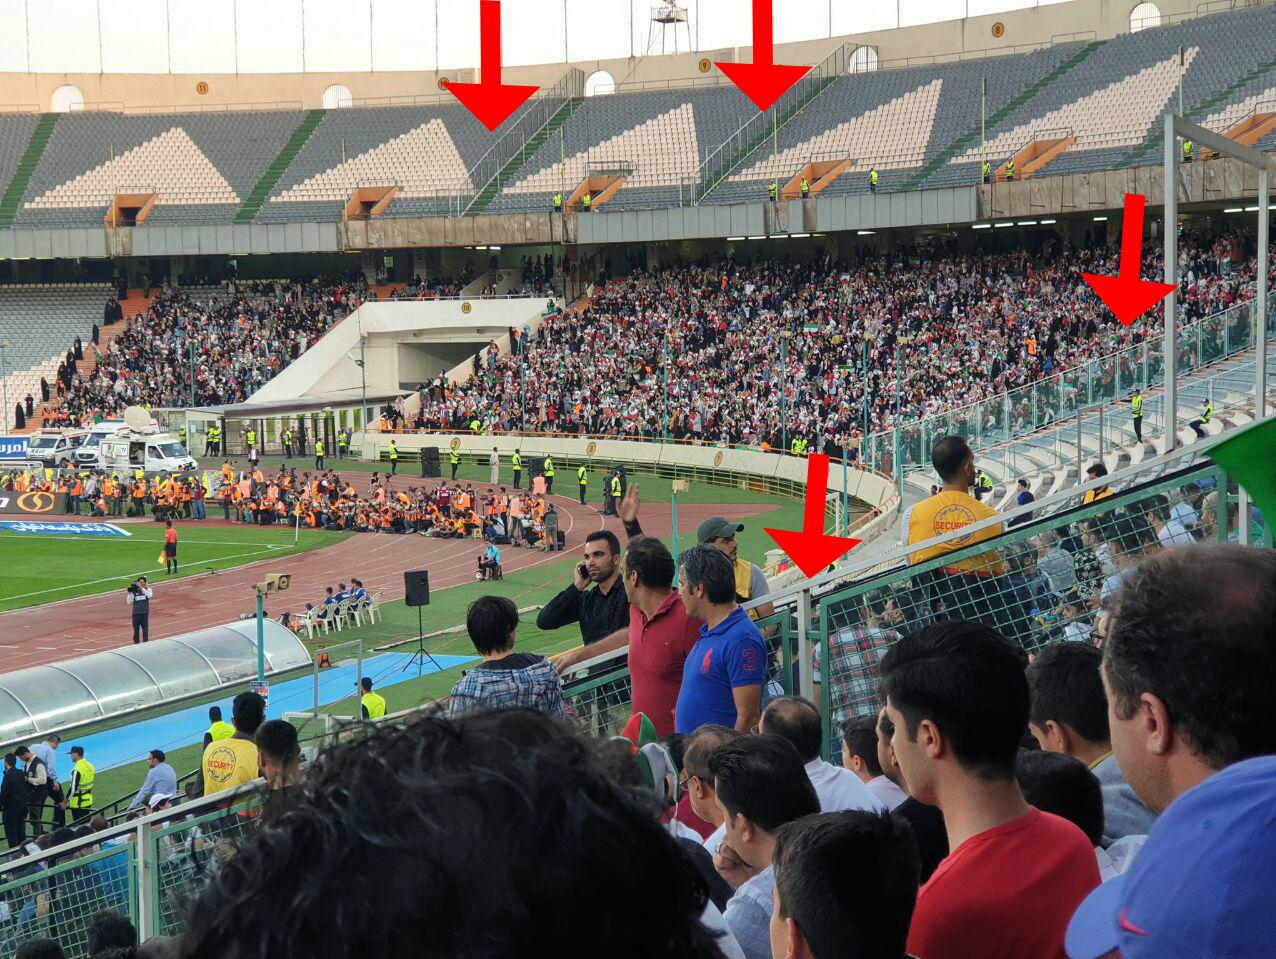 ازشایعه تا واقعیت/ ماجرای حفاظ کشی ورزشگاه آزادی چه بود؟